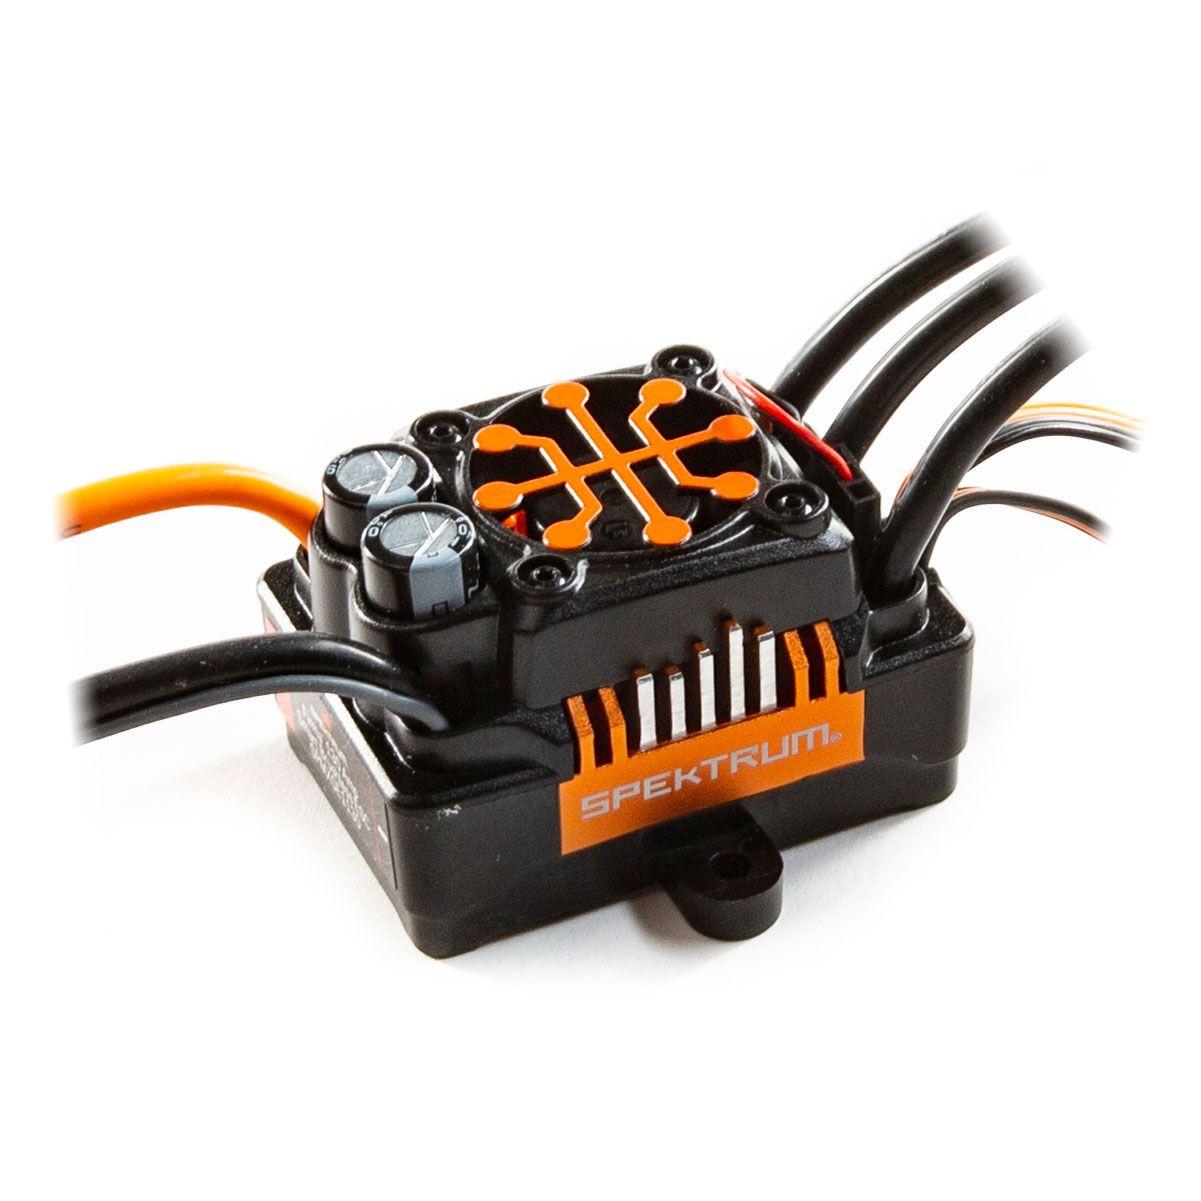 Spektrum SPMXSE1130 - Firma 130 Amp Brushless Smart ESC